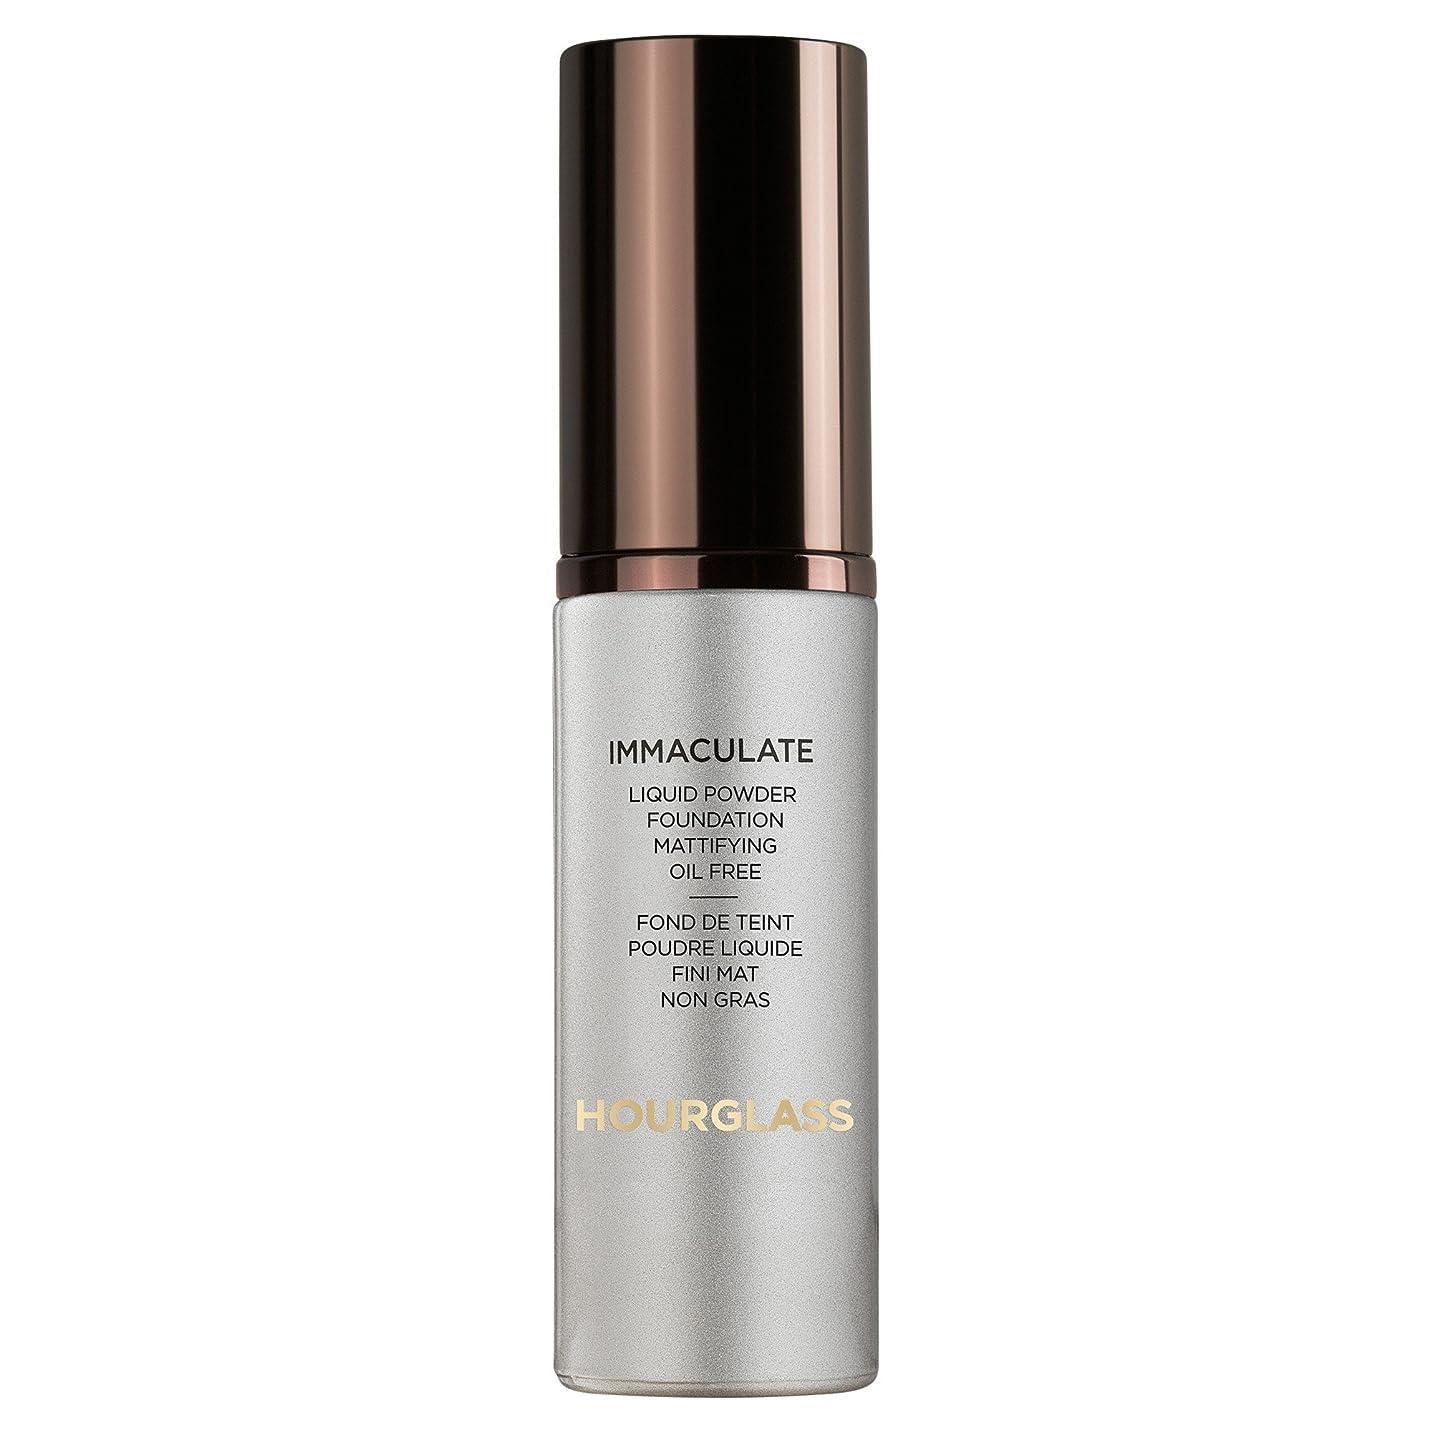 アラブサーバ見ました砂時計真っ白な液体パウダーファンデーションバニラ (Hourglass) (x2) - Hourglass Immaculate Liquid Powder Foundation Vanilla (Pack of 2) [並行輸入品]